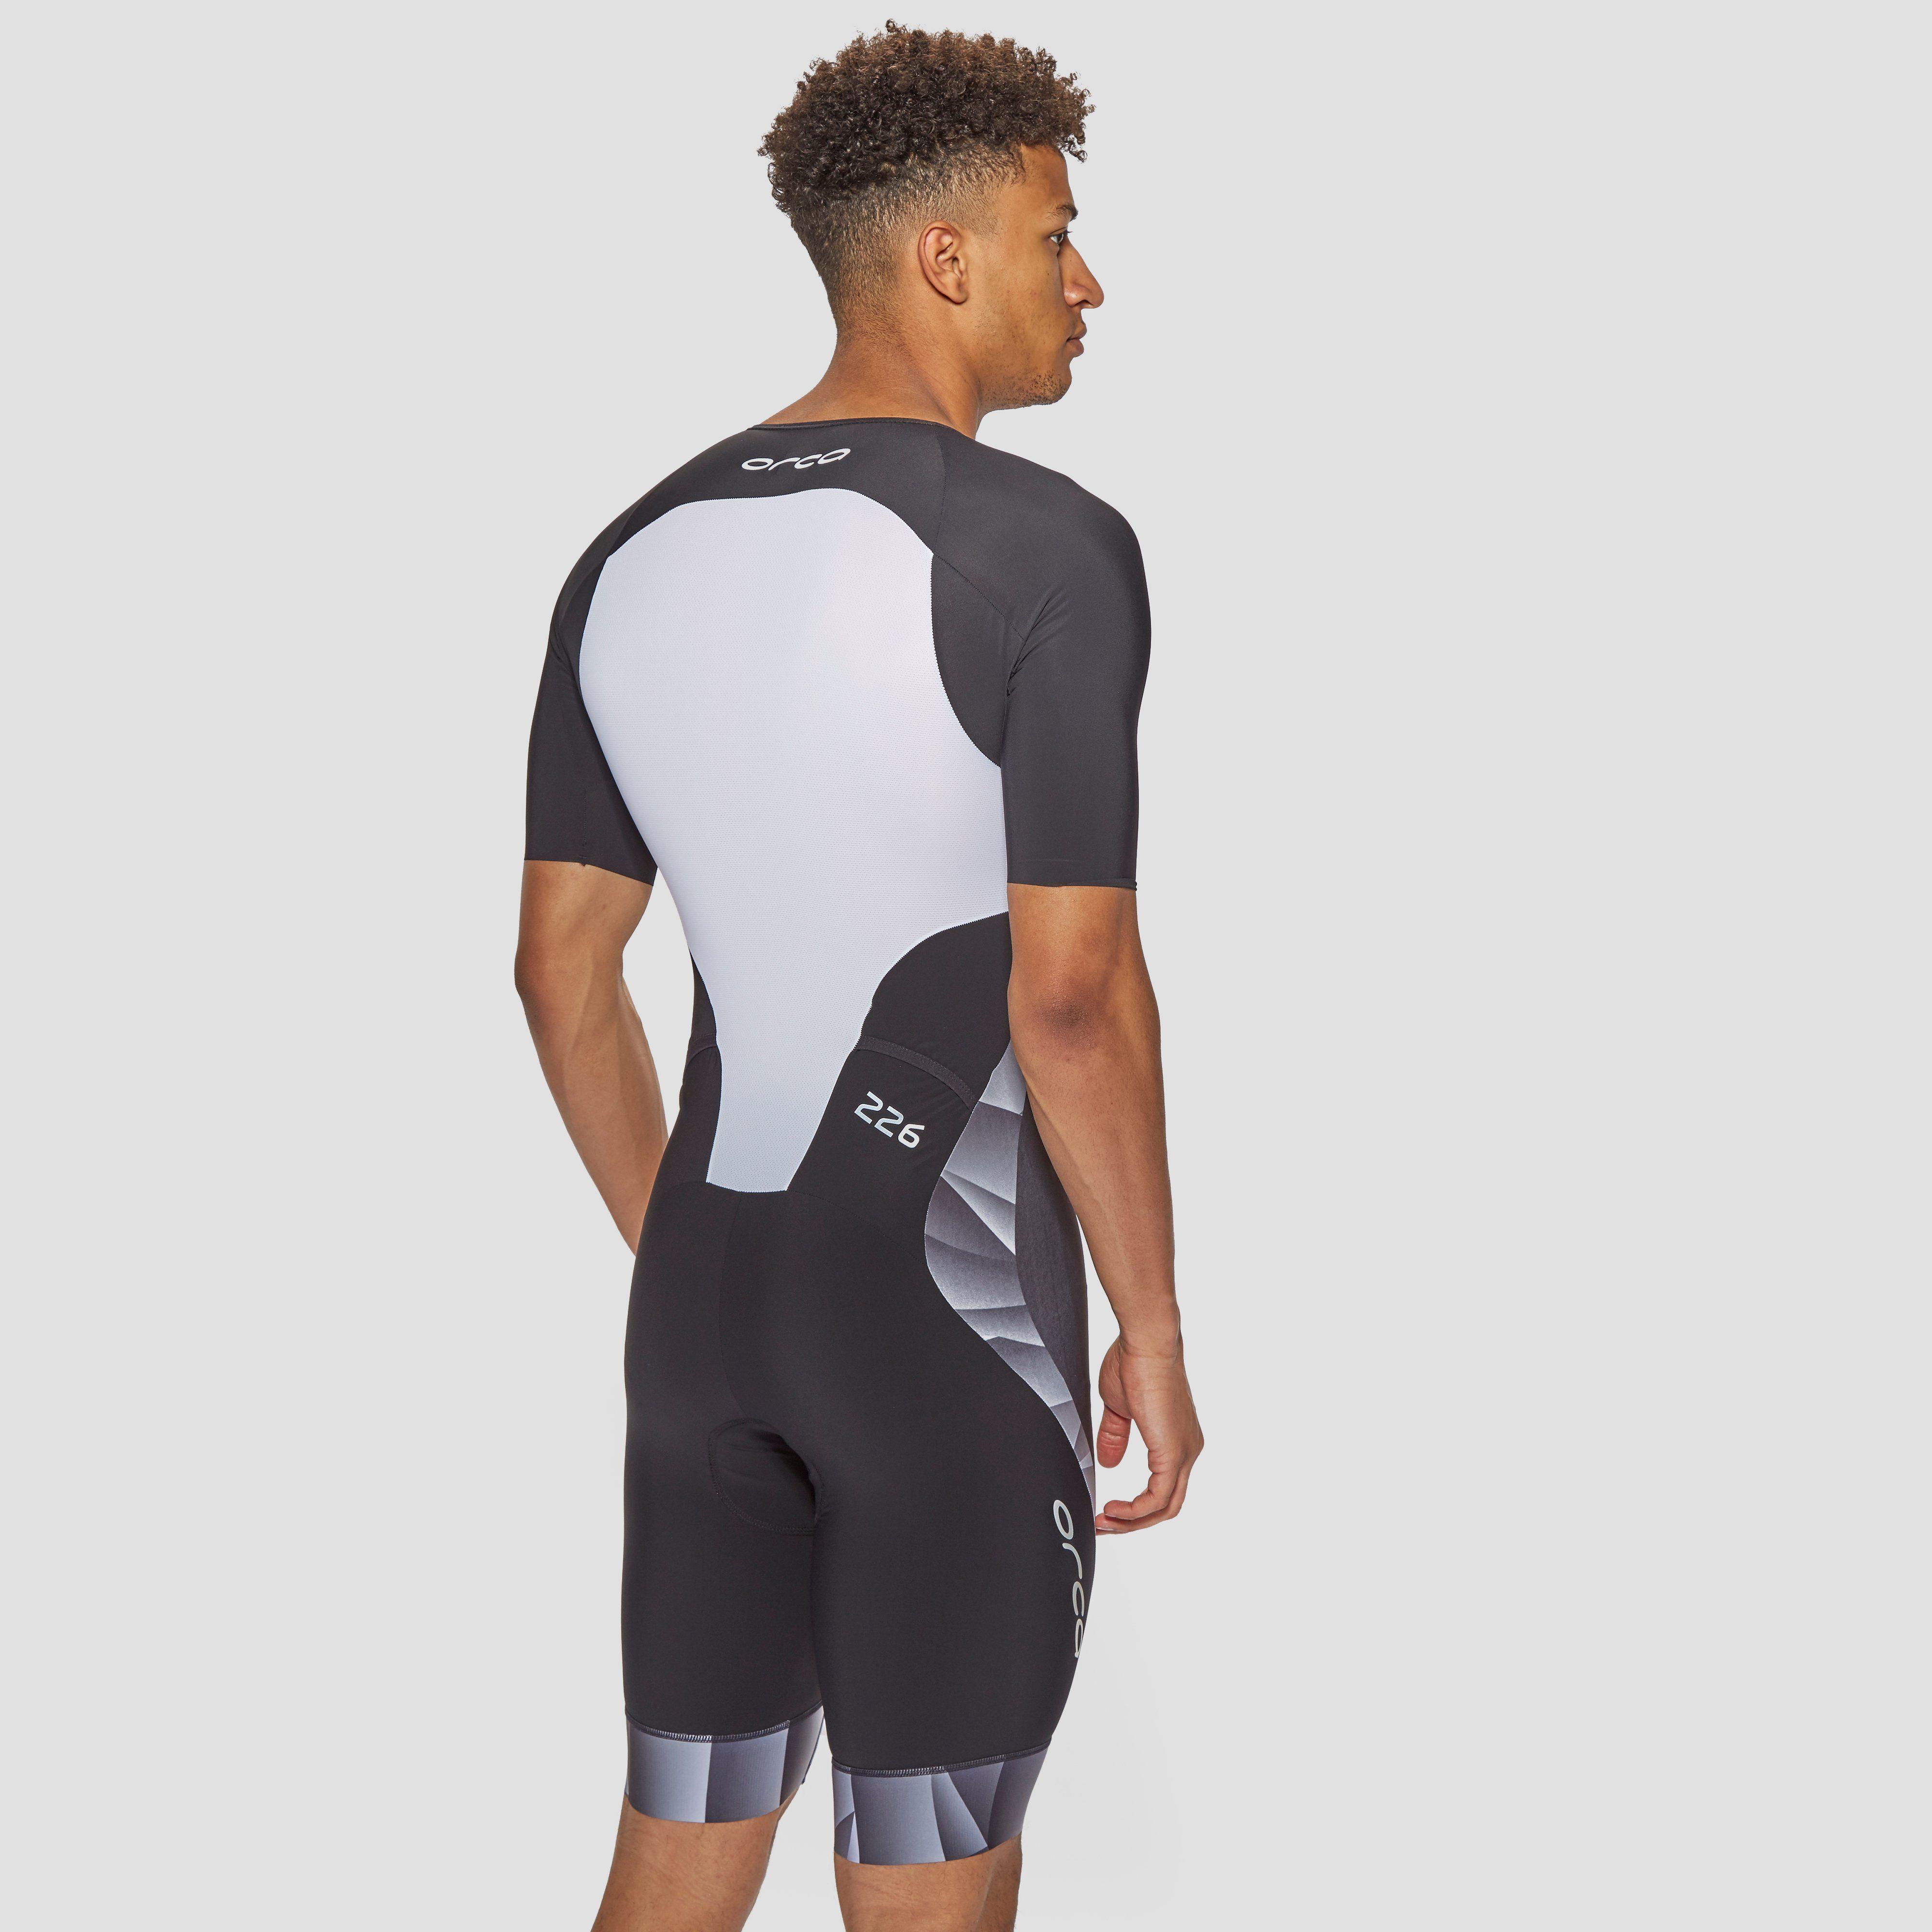 Orca Core Short Sleeve Men's Race Suit